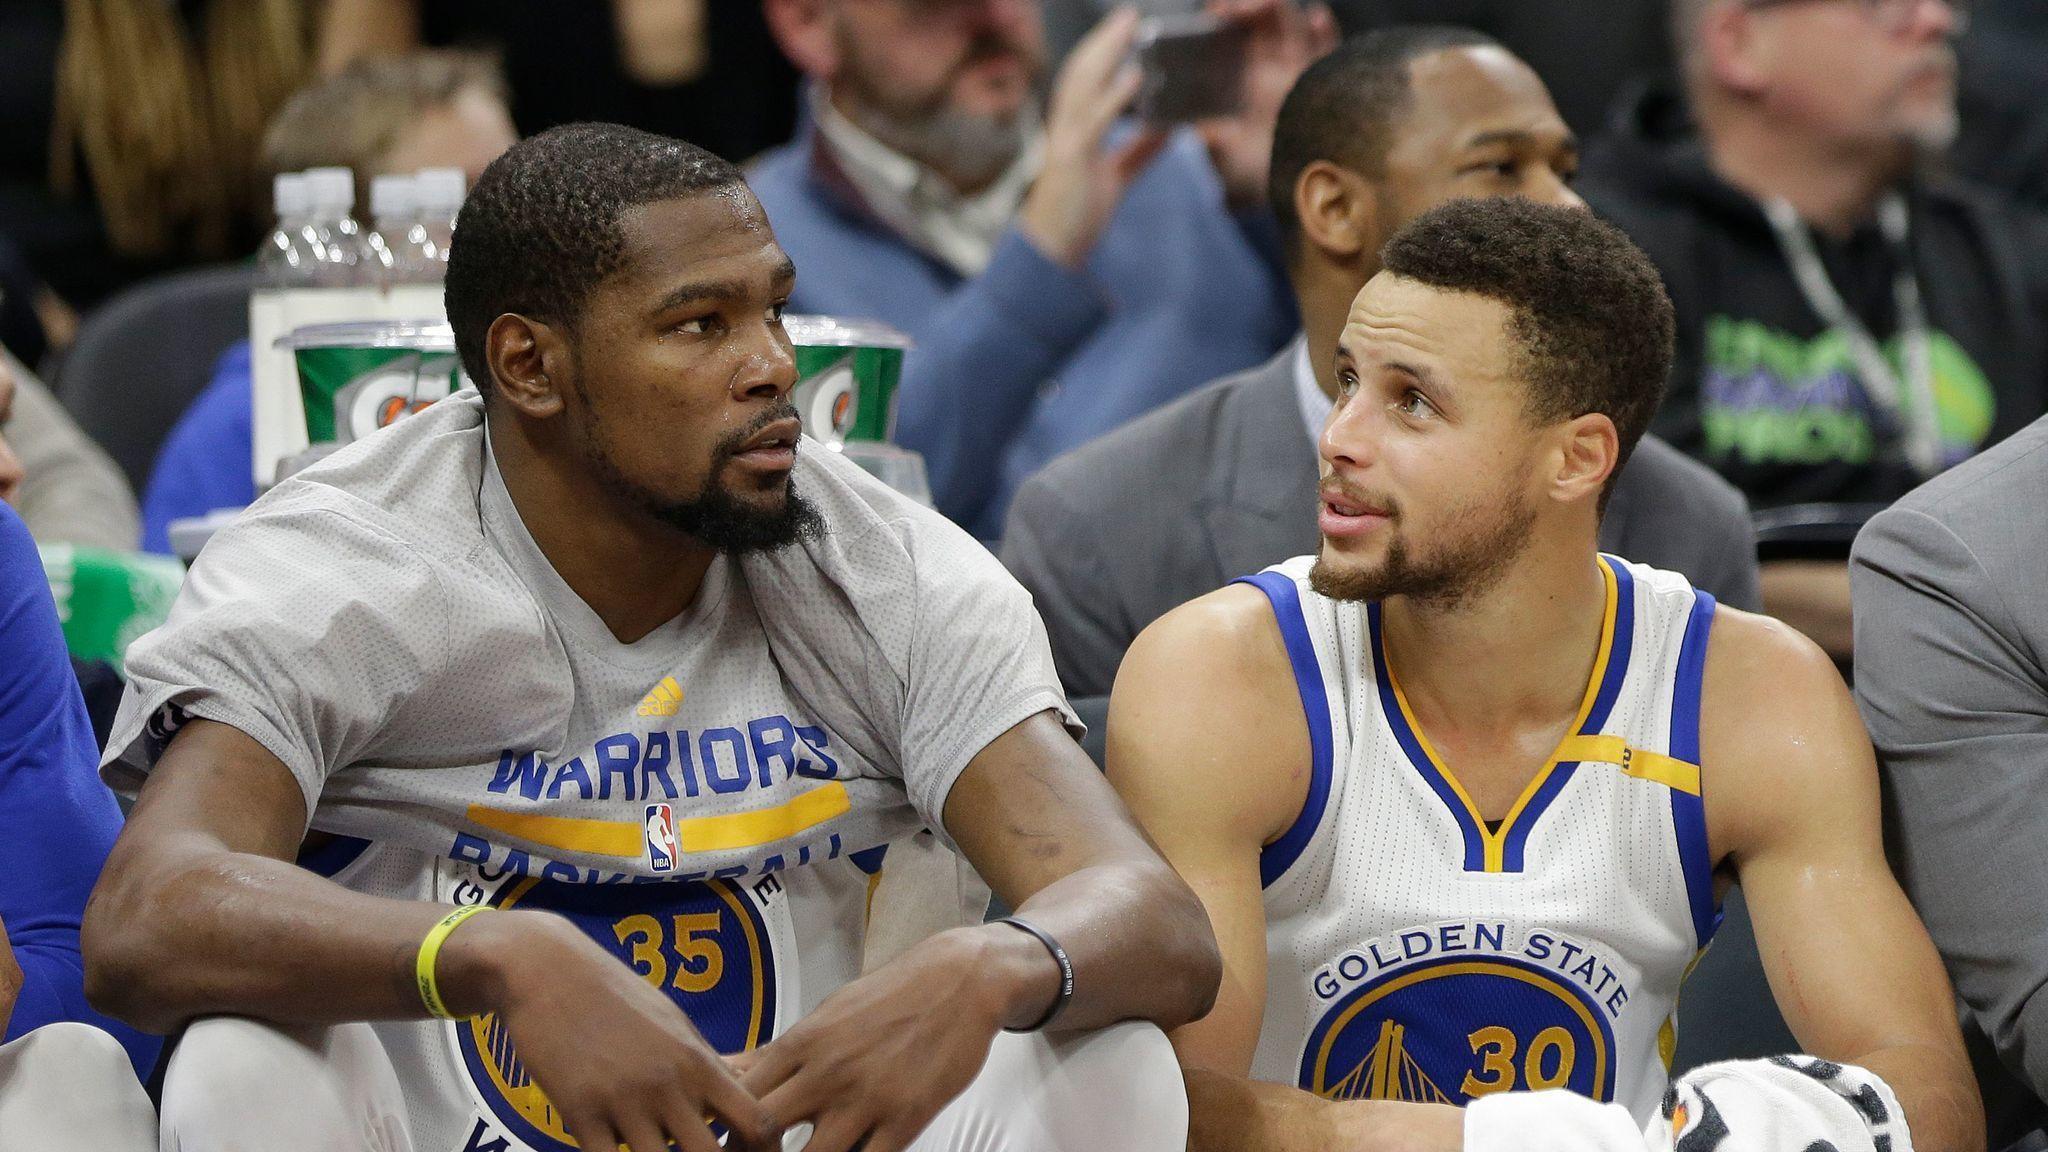 揭秘NBA最貴二人組,柯瑞+杜蘭特僅排第七,哈登+保羅也不如他們?